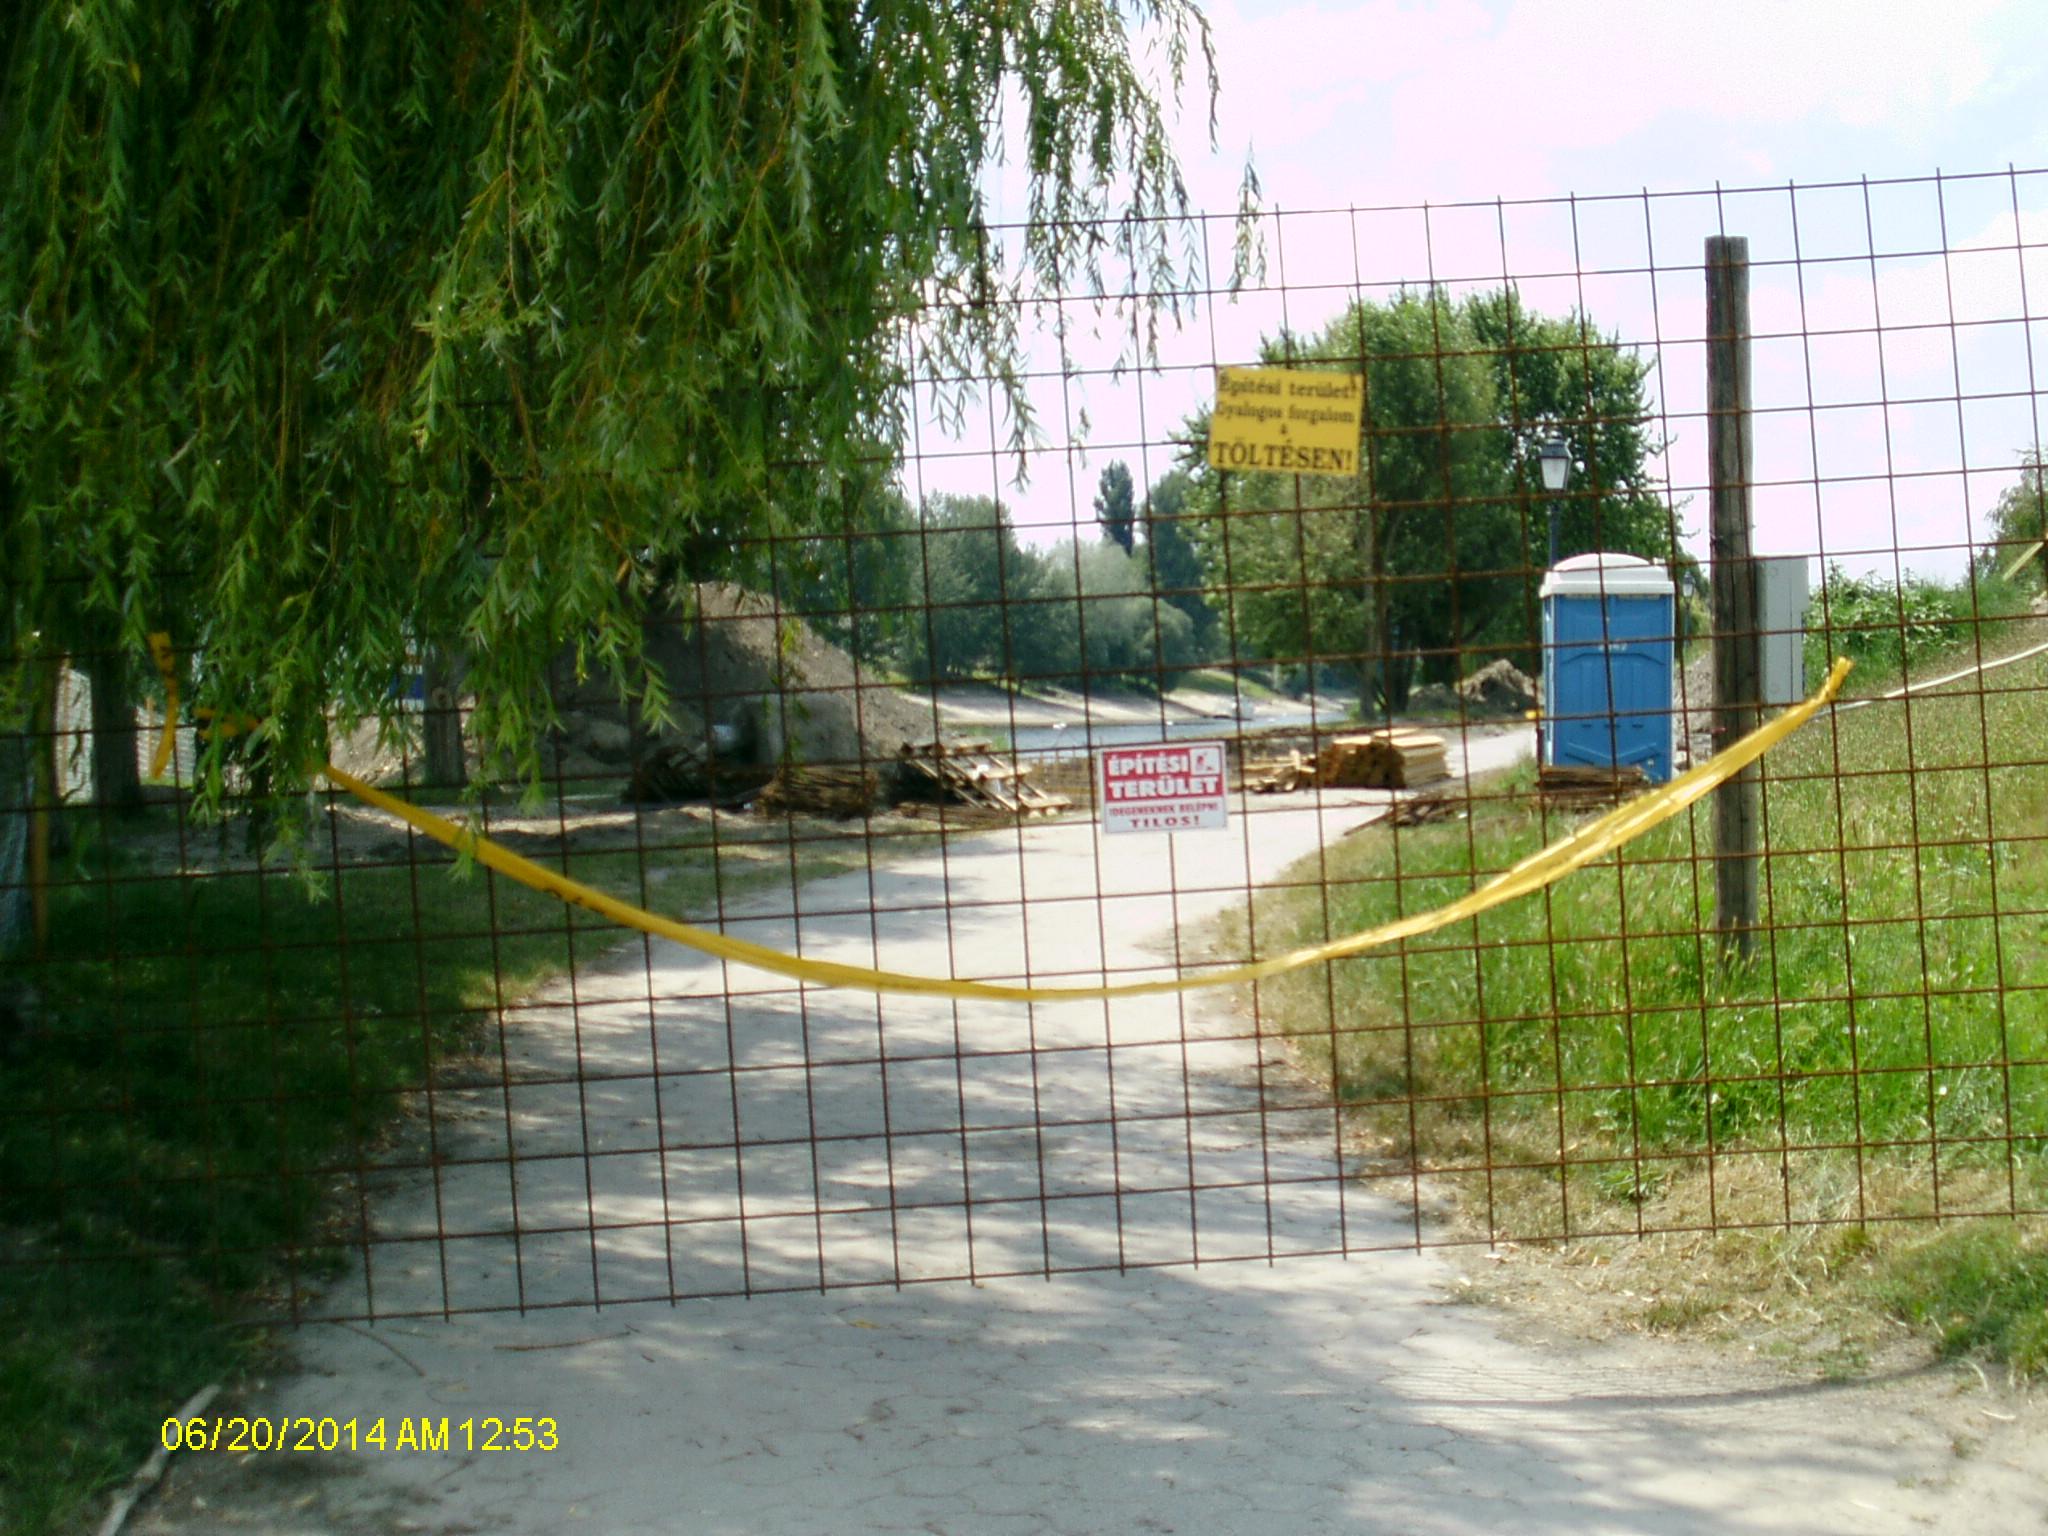 89b58e171e Az idei szezonban már nem strandolunk a felújított Sugovica strandon? -  Sugópart